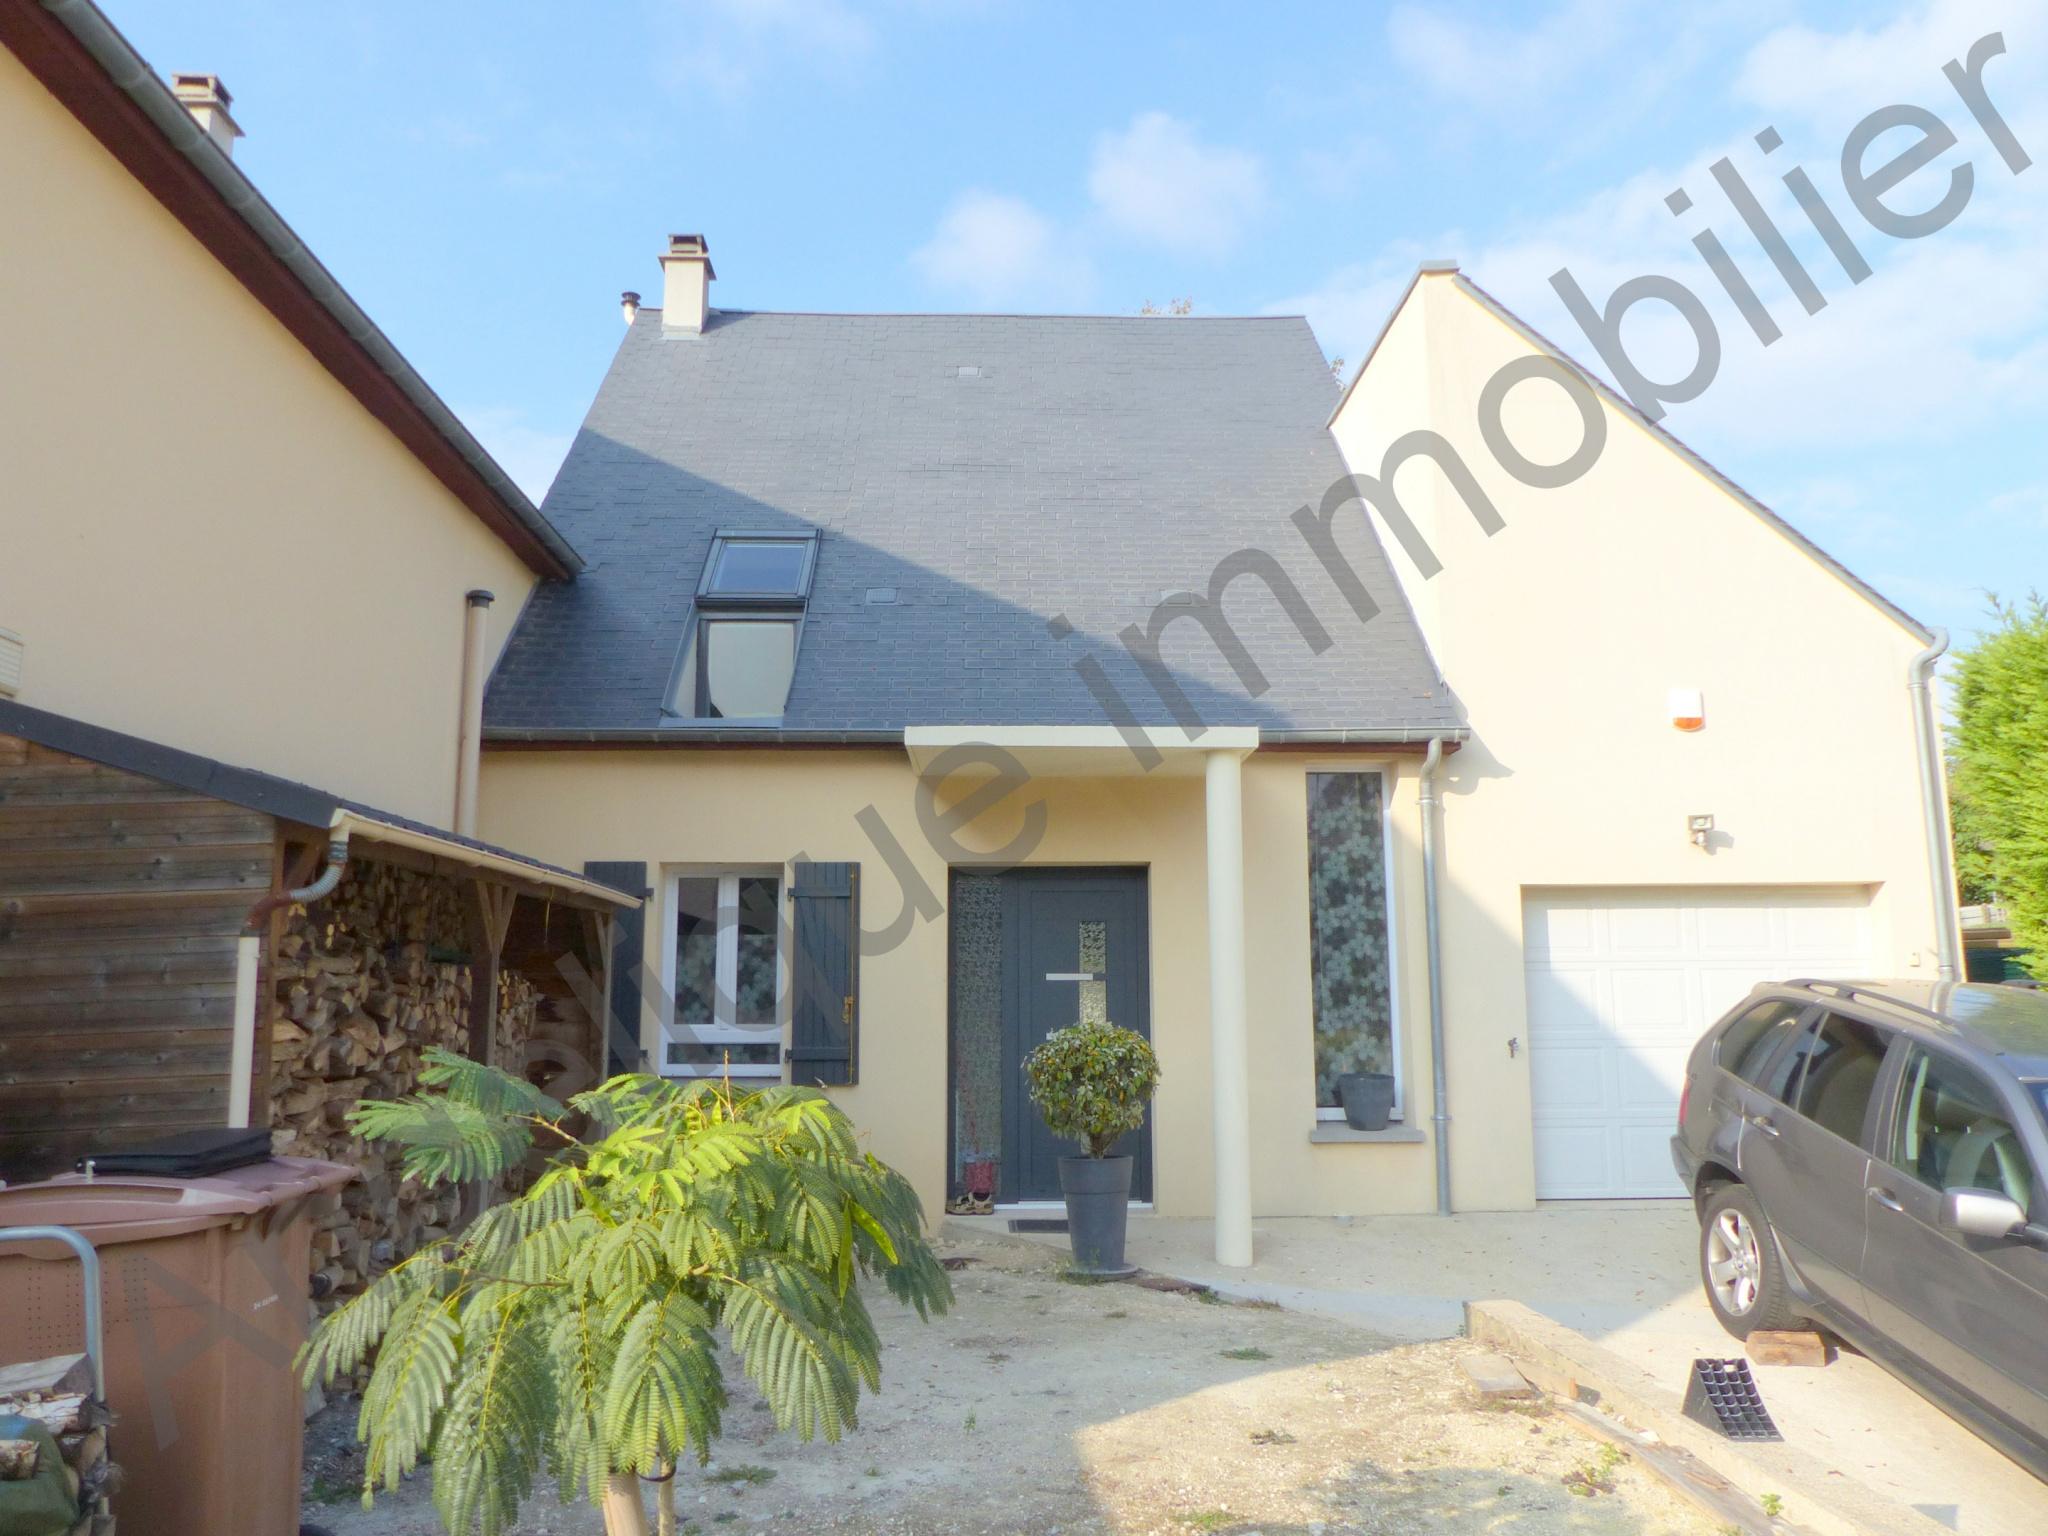 Vente maison villa beau pavillon atypique 7 minutes d for Maison atypique 94